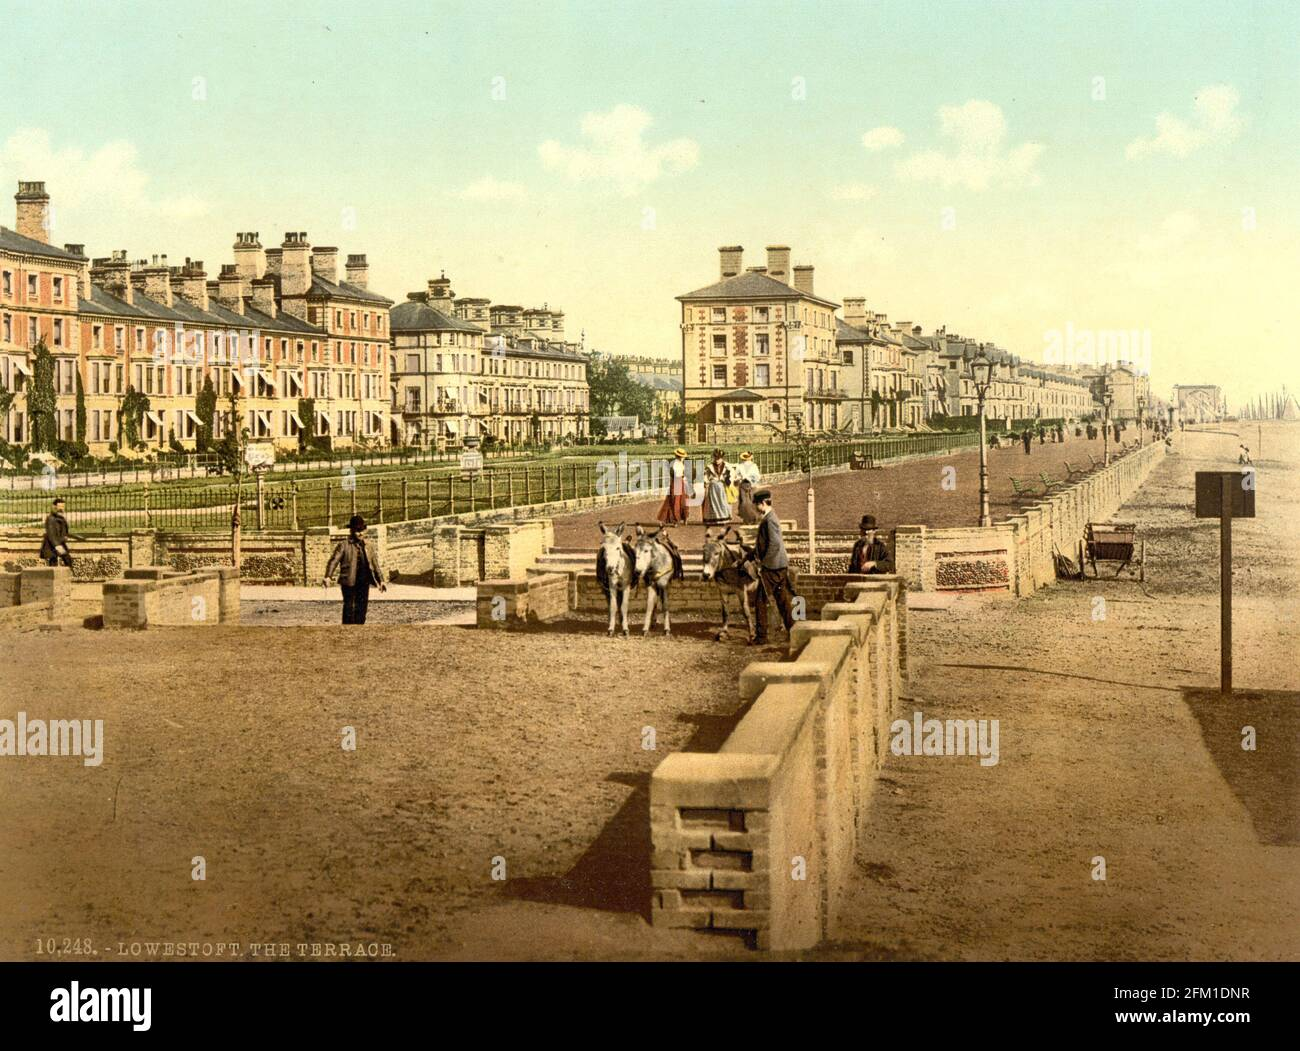 Lowestoft dans le Suffolk vers 1890-1900 Banque D'Images